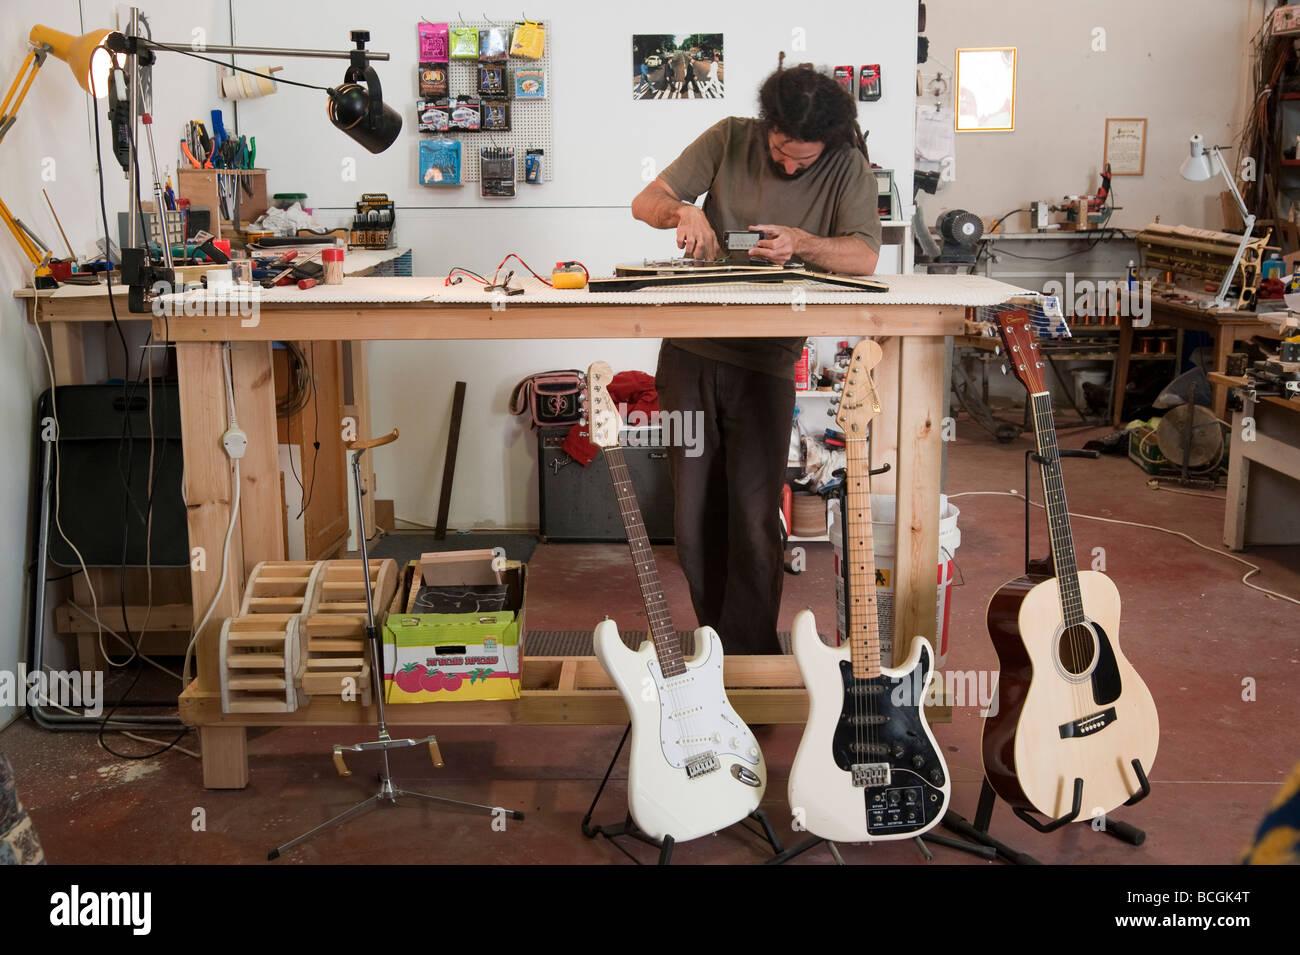 Electric Guitar Repair Workshop Stock Photo Royalty Free Image